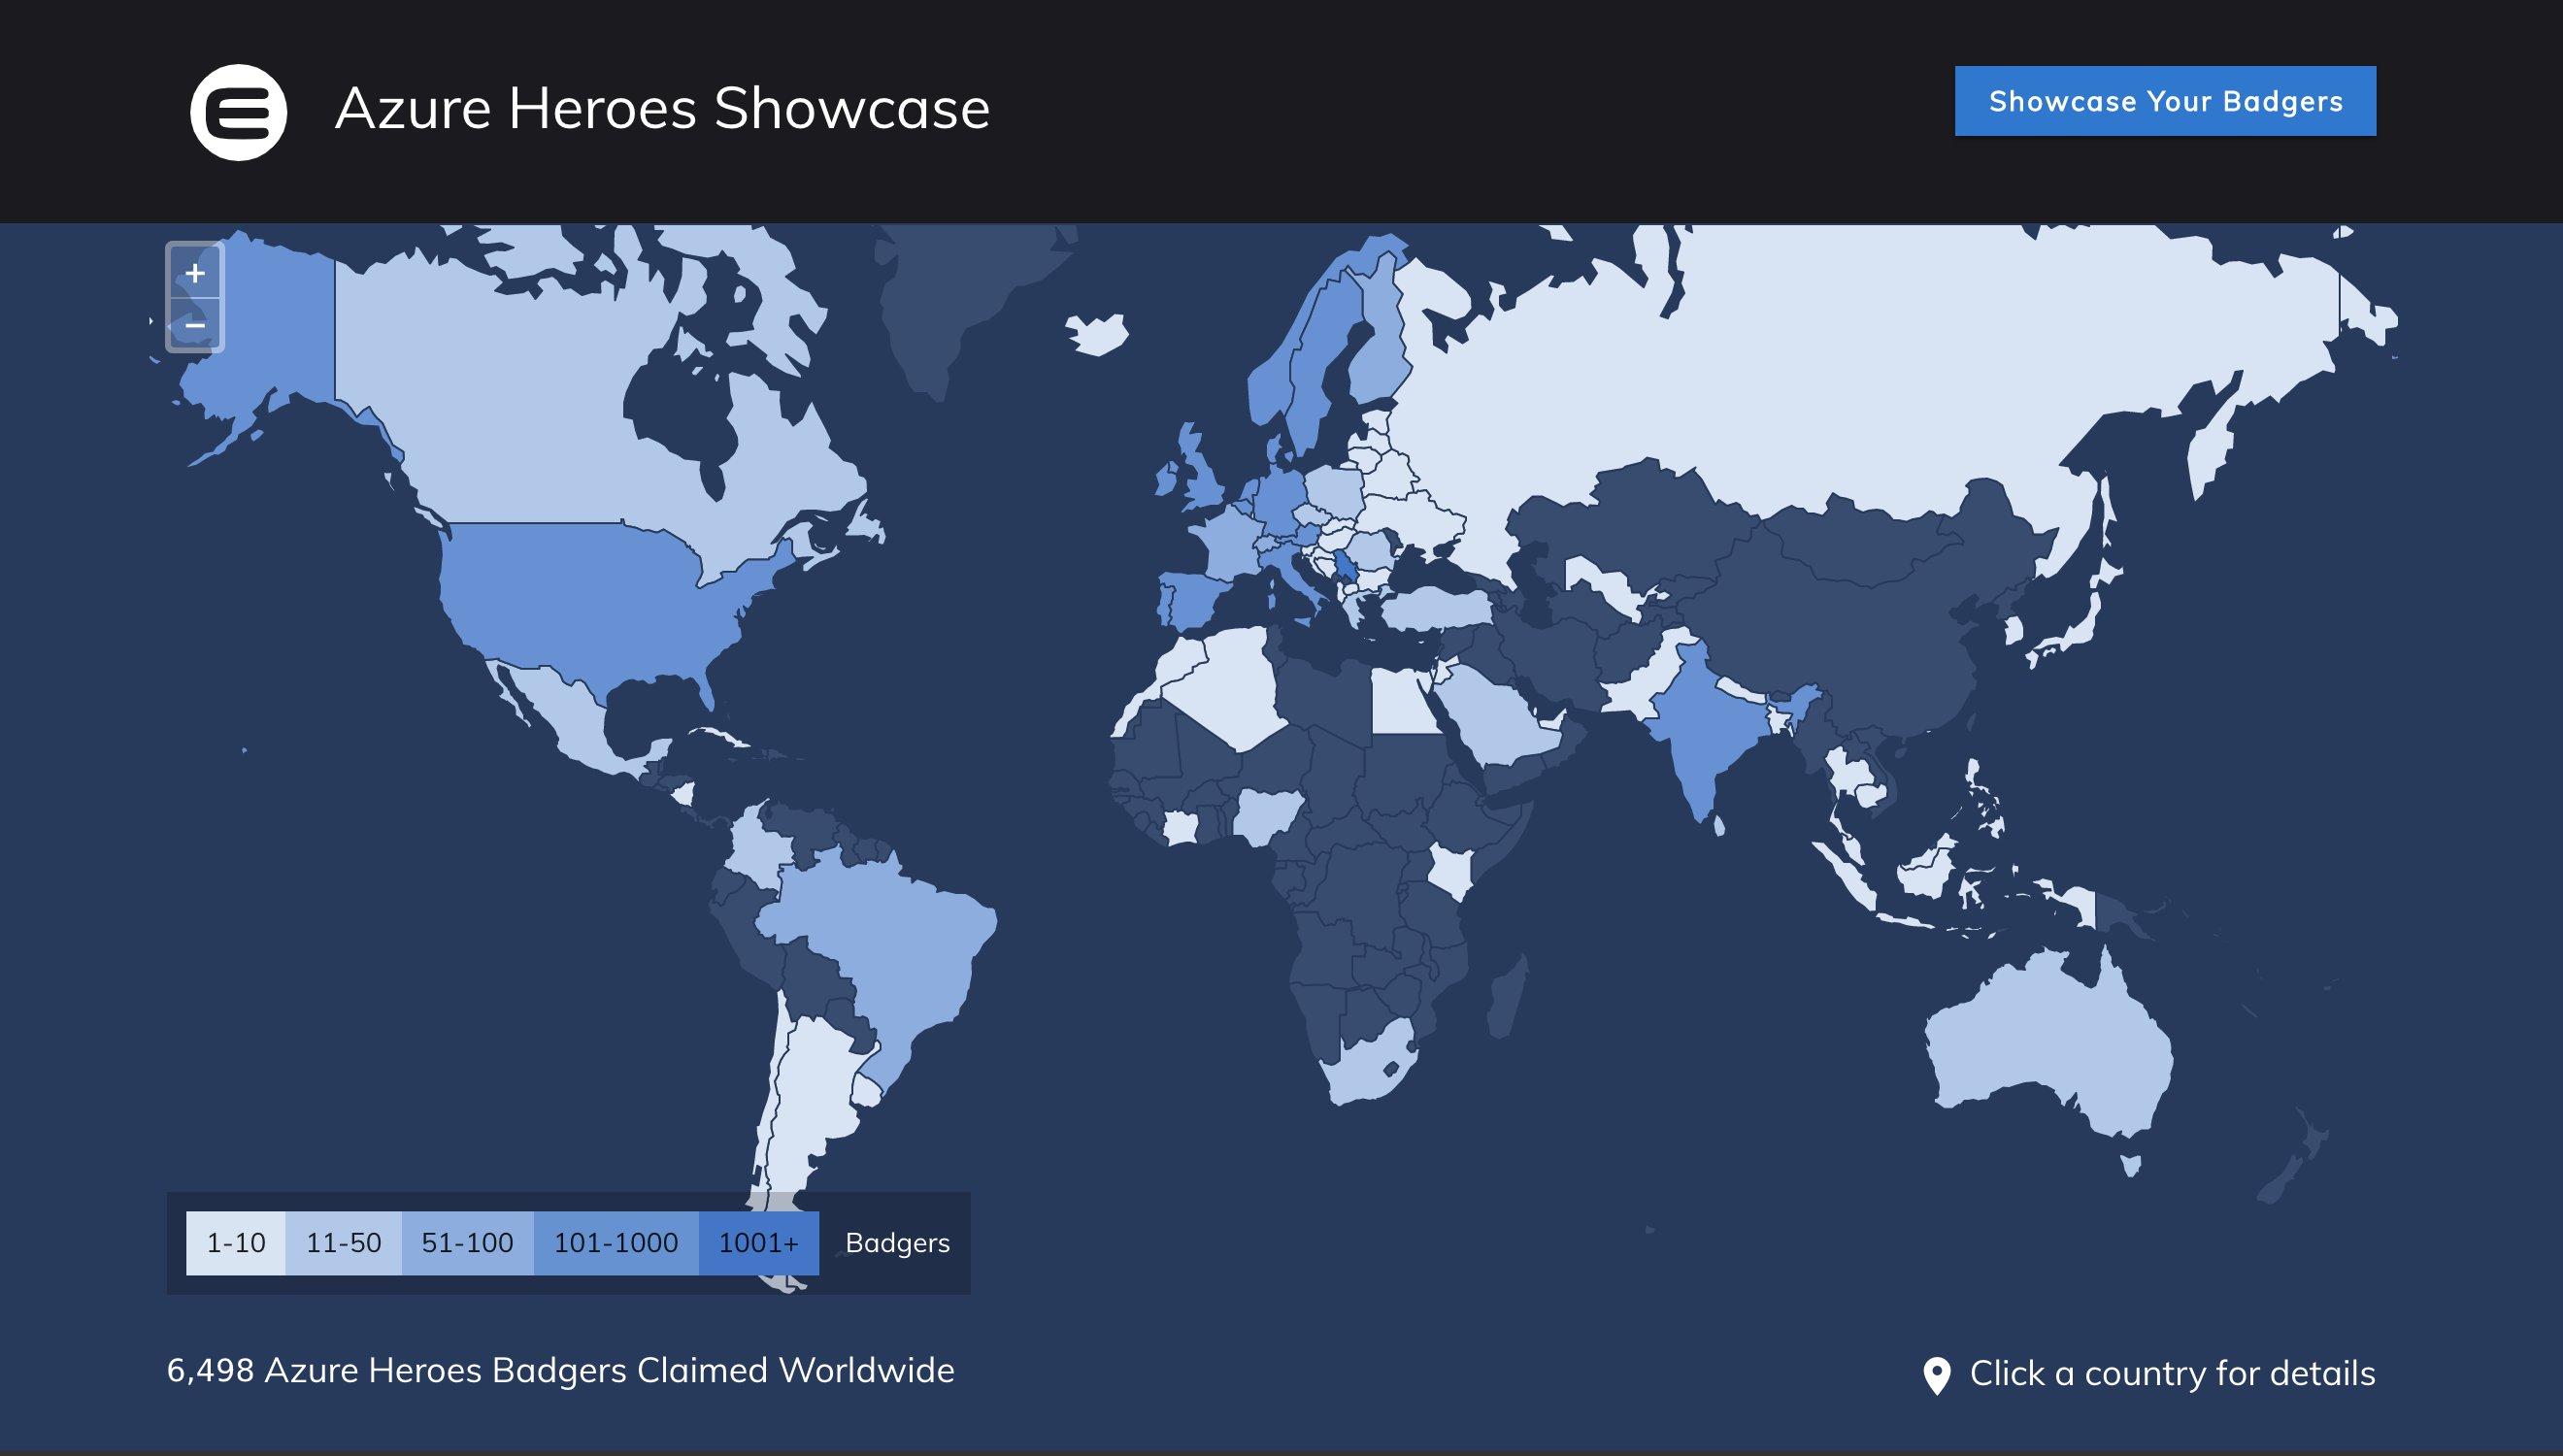 https://enjin.slite.com/api/files/TPLHSKtKOq/showcase-page-screen.png